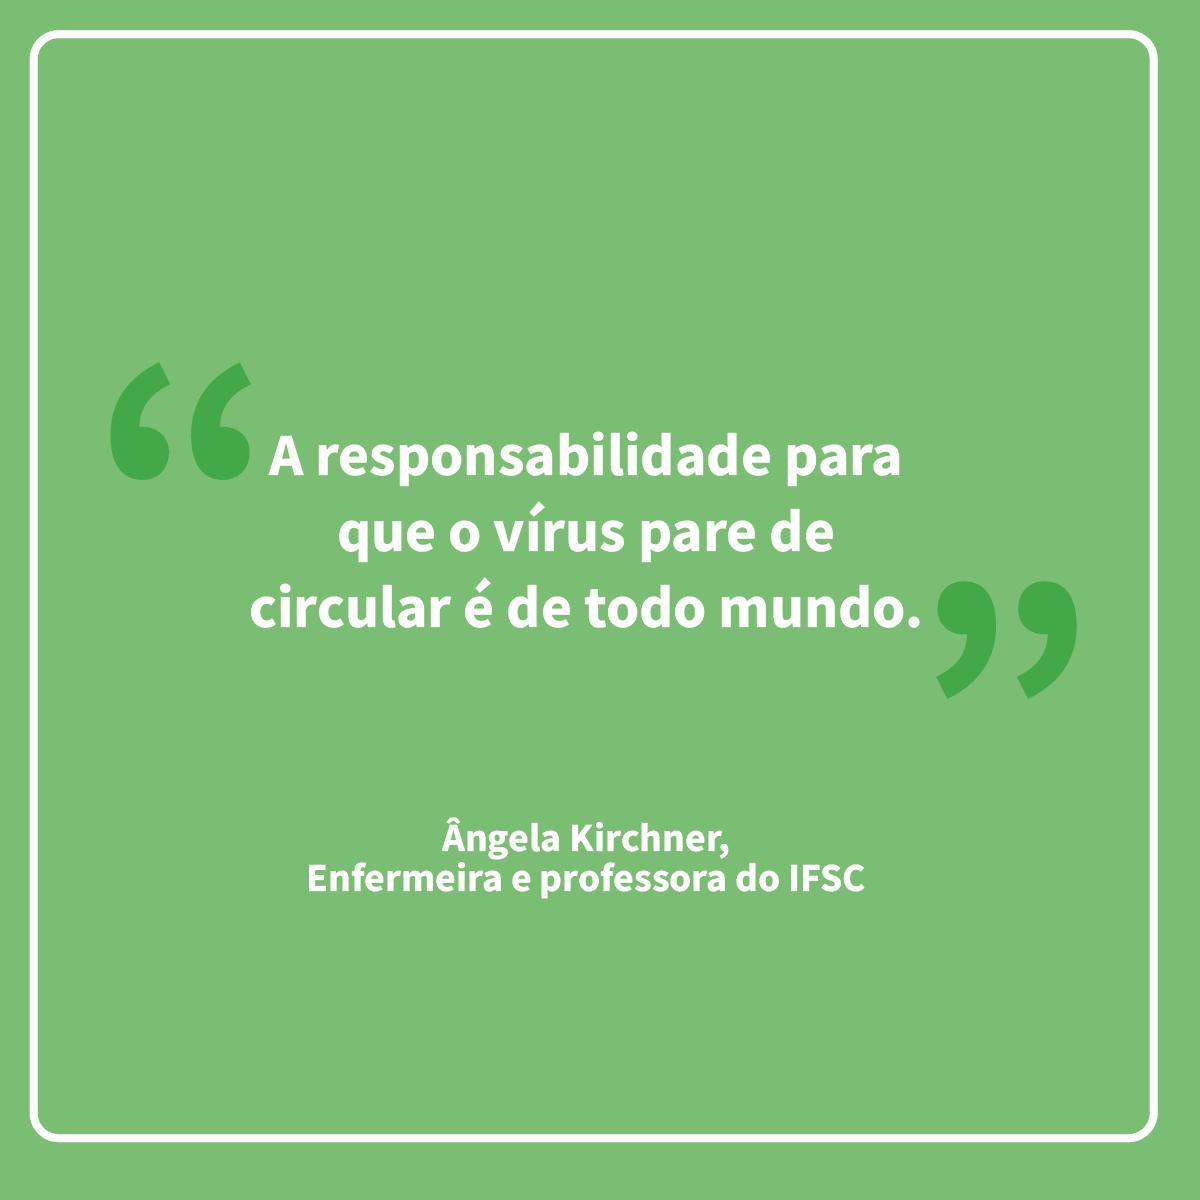 """Frase da professora do IFSC. Ângela: """"A responsabilidade para que o vírus pare de circular é de todo mundo""""."""